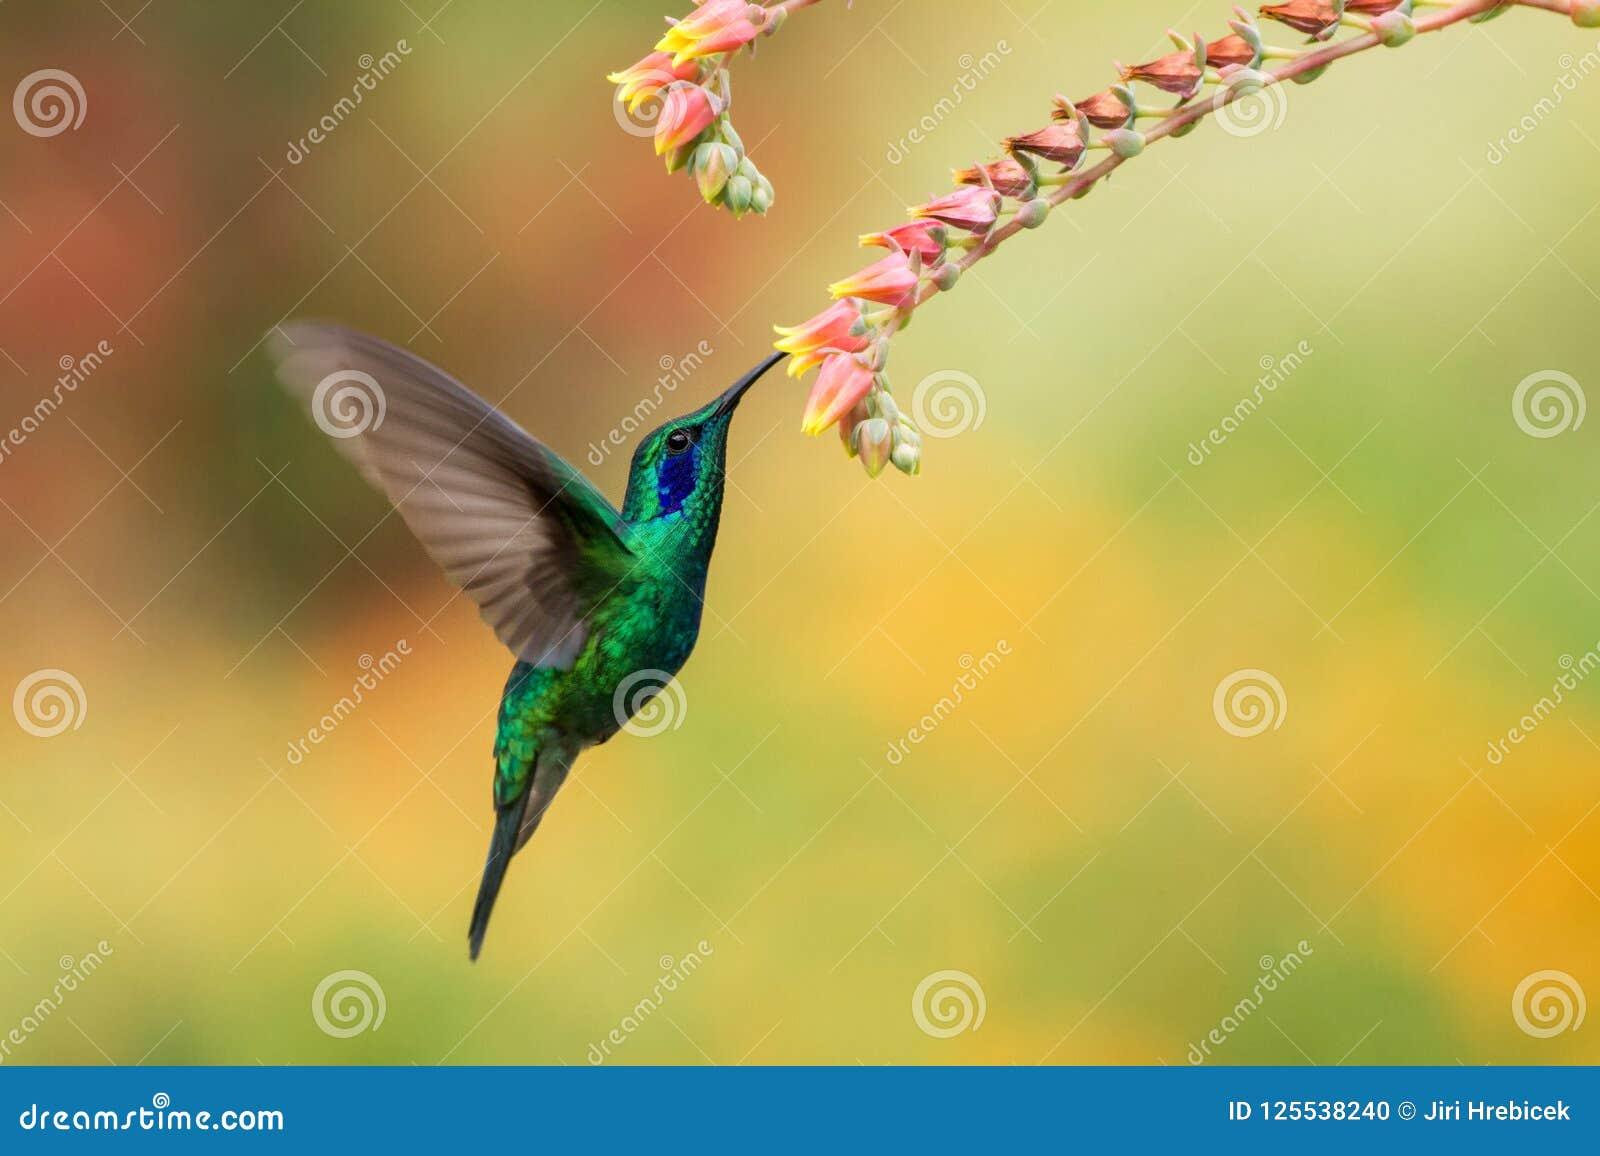 Cernido violetear verde al lado de la flor roja, pájaro en vuelo, bosque tropical de la montaña, Costa Rica